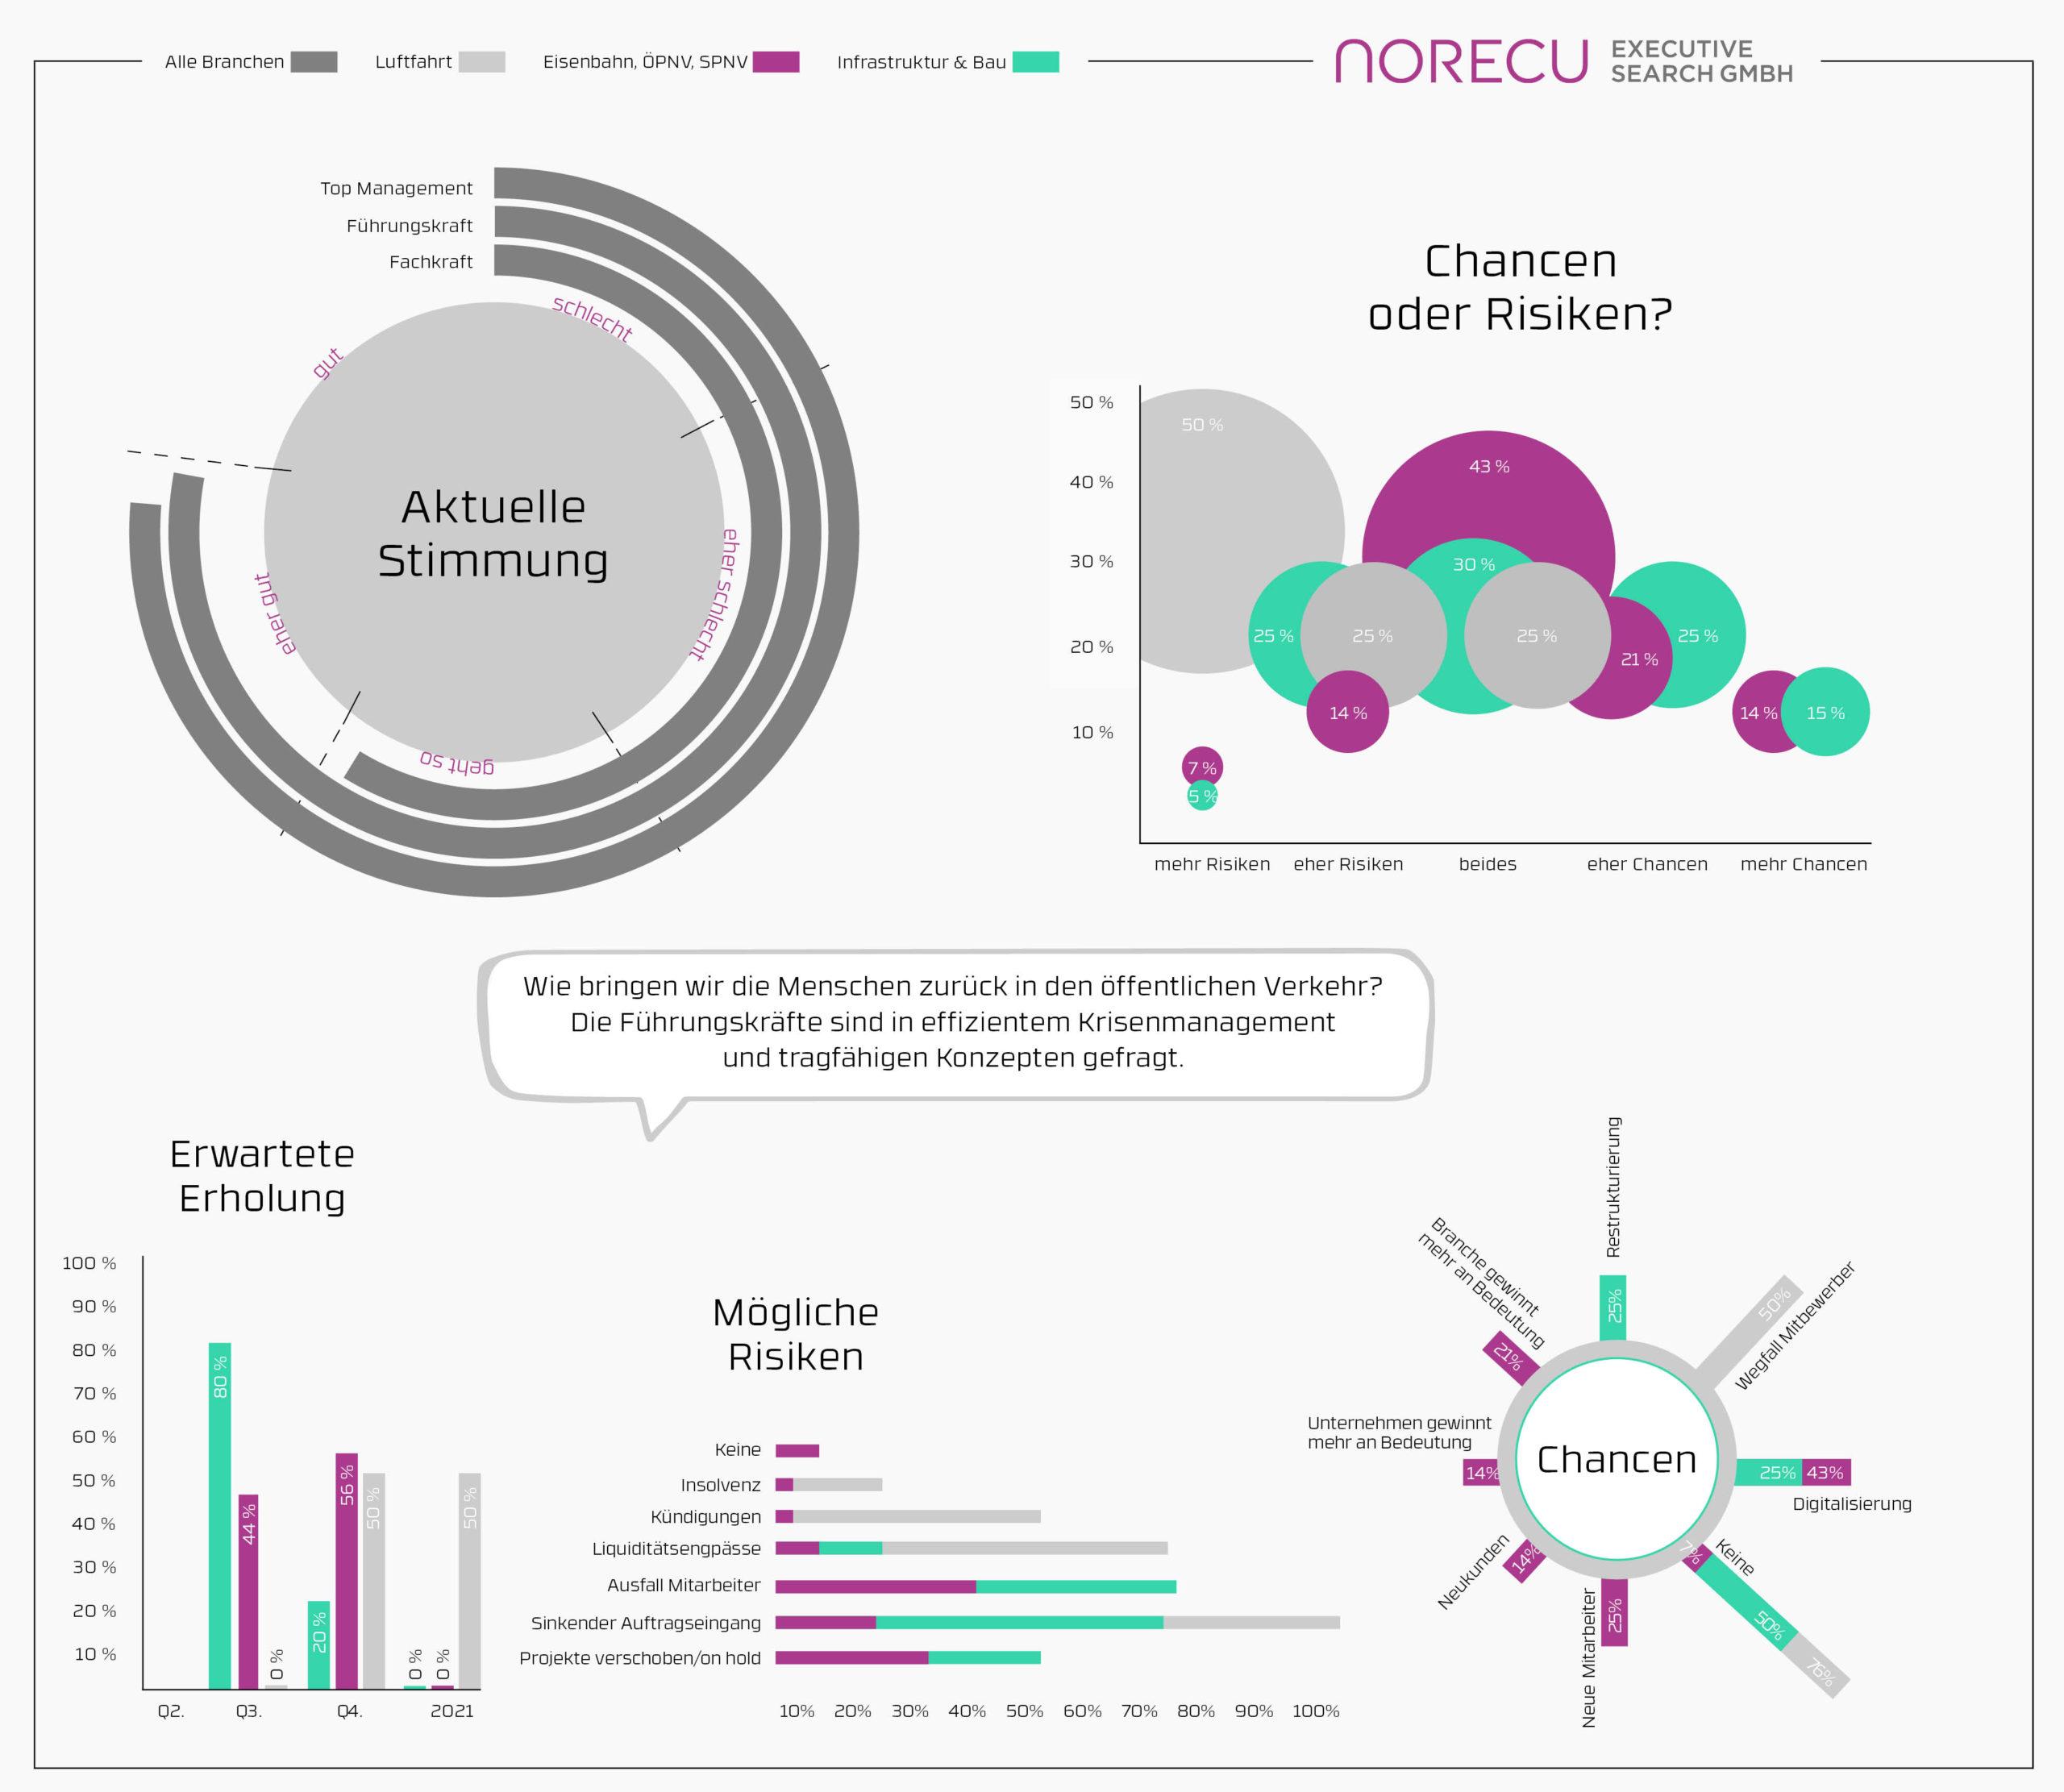 Aktuelles Stimmungsbarometer Verkehr & Infrastruktur KW 20(c) Norecu